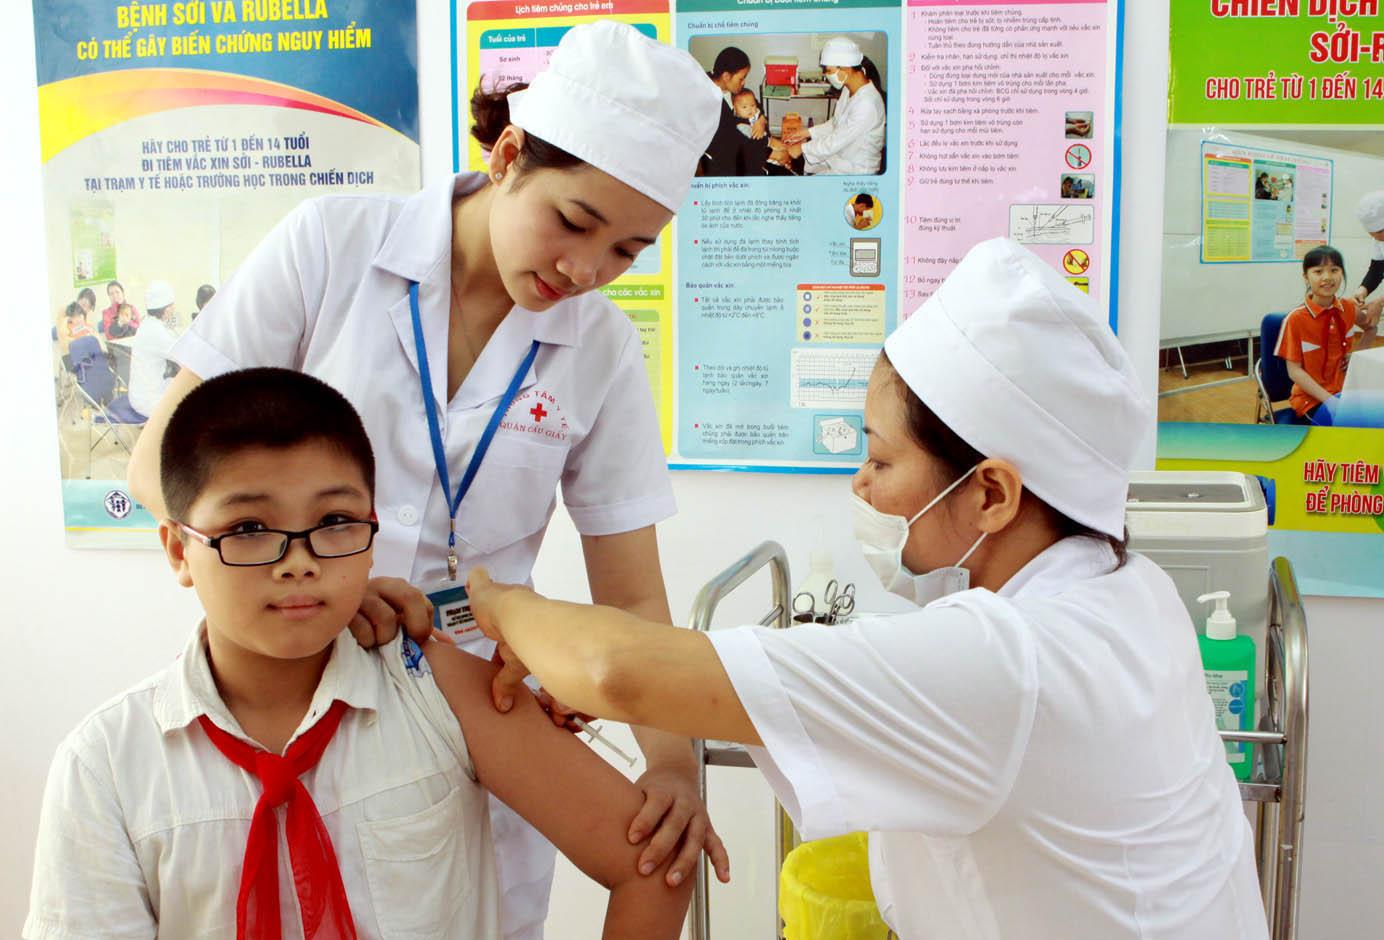 Tiêm bổ sung vắc xin uốn ván – bạch hầu giảm liều (Td) năm 2019 tỉnh Đắk Lắk